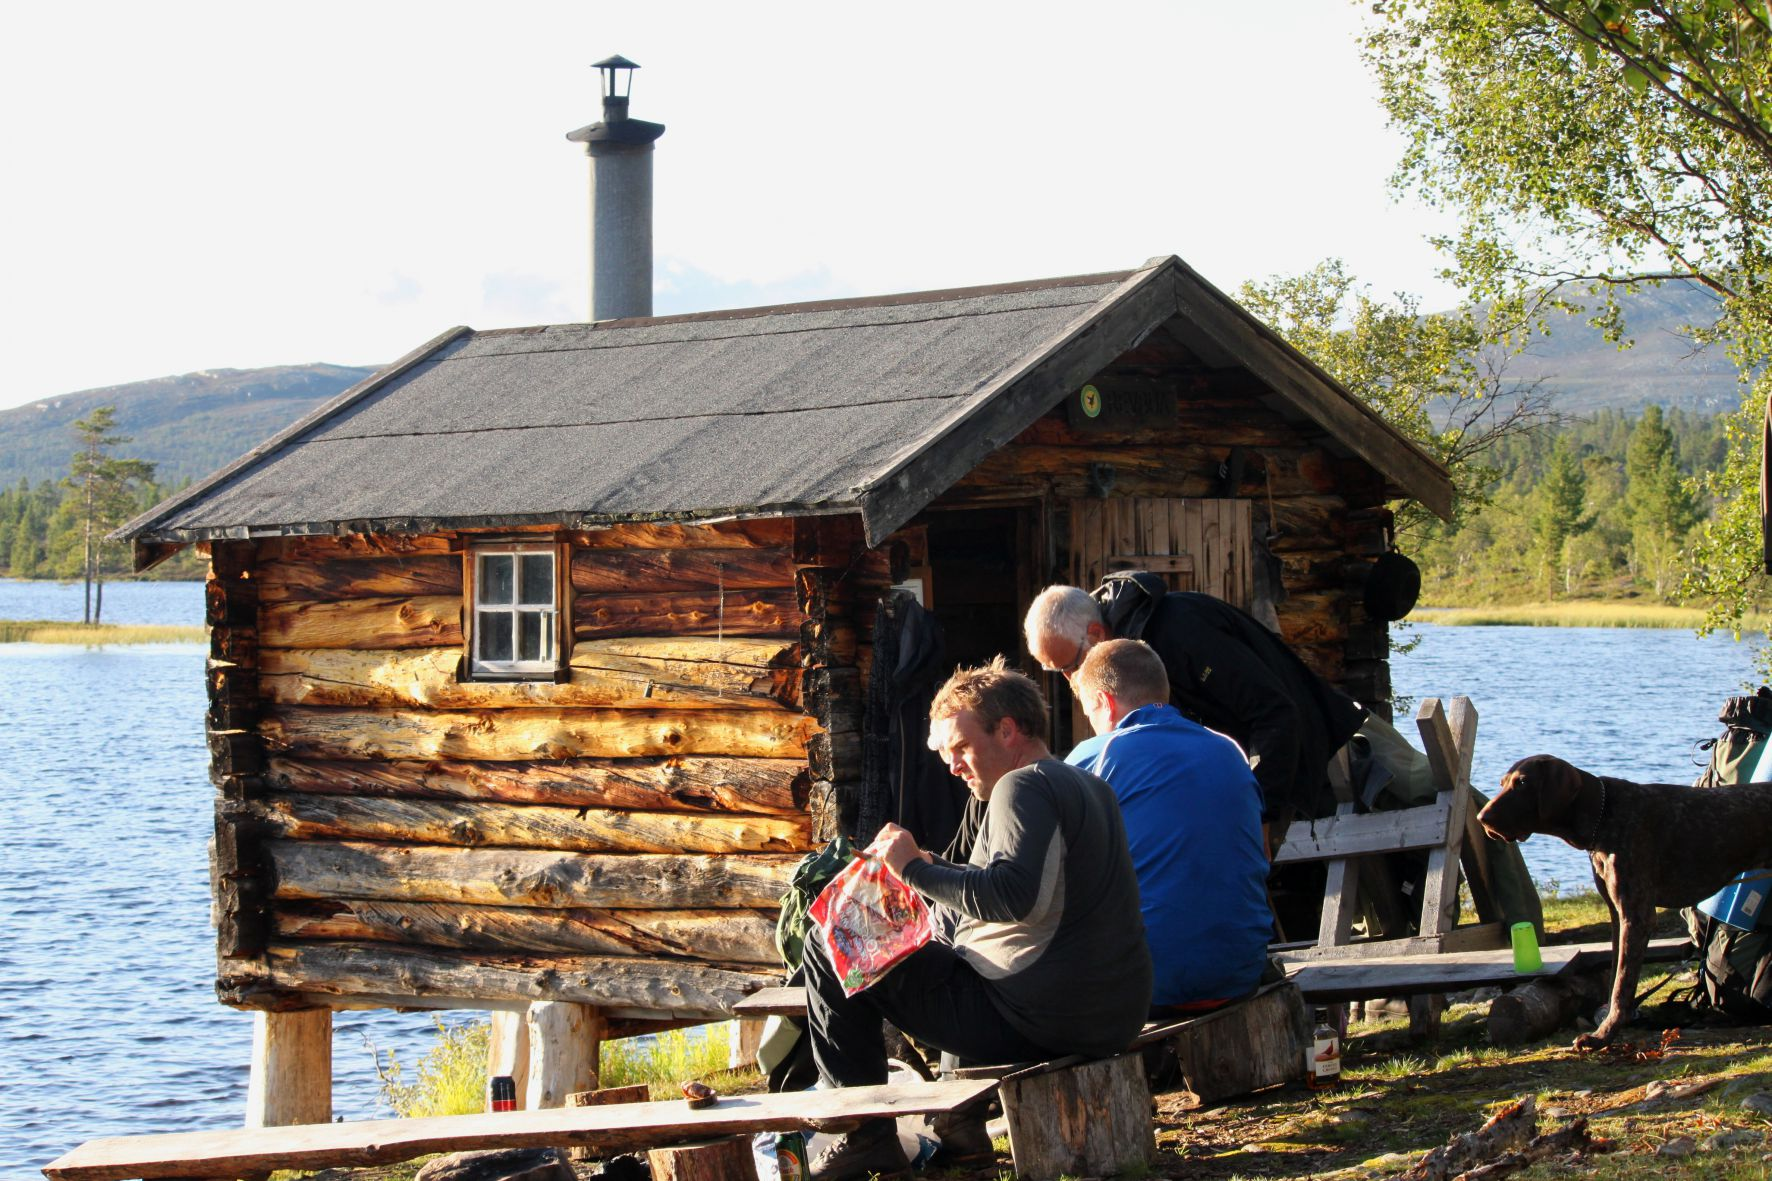 Revbua i Femundsmarka, Sør-Trøndelag (Foto: Geir Wagnild)